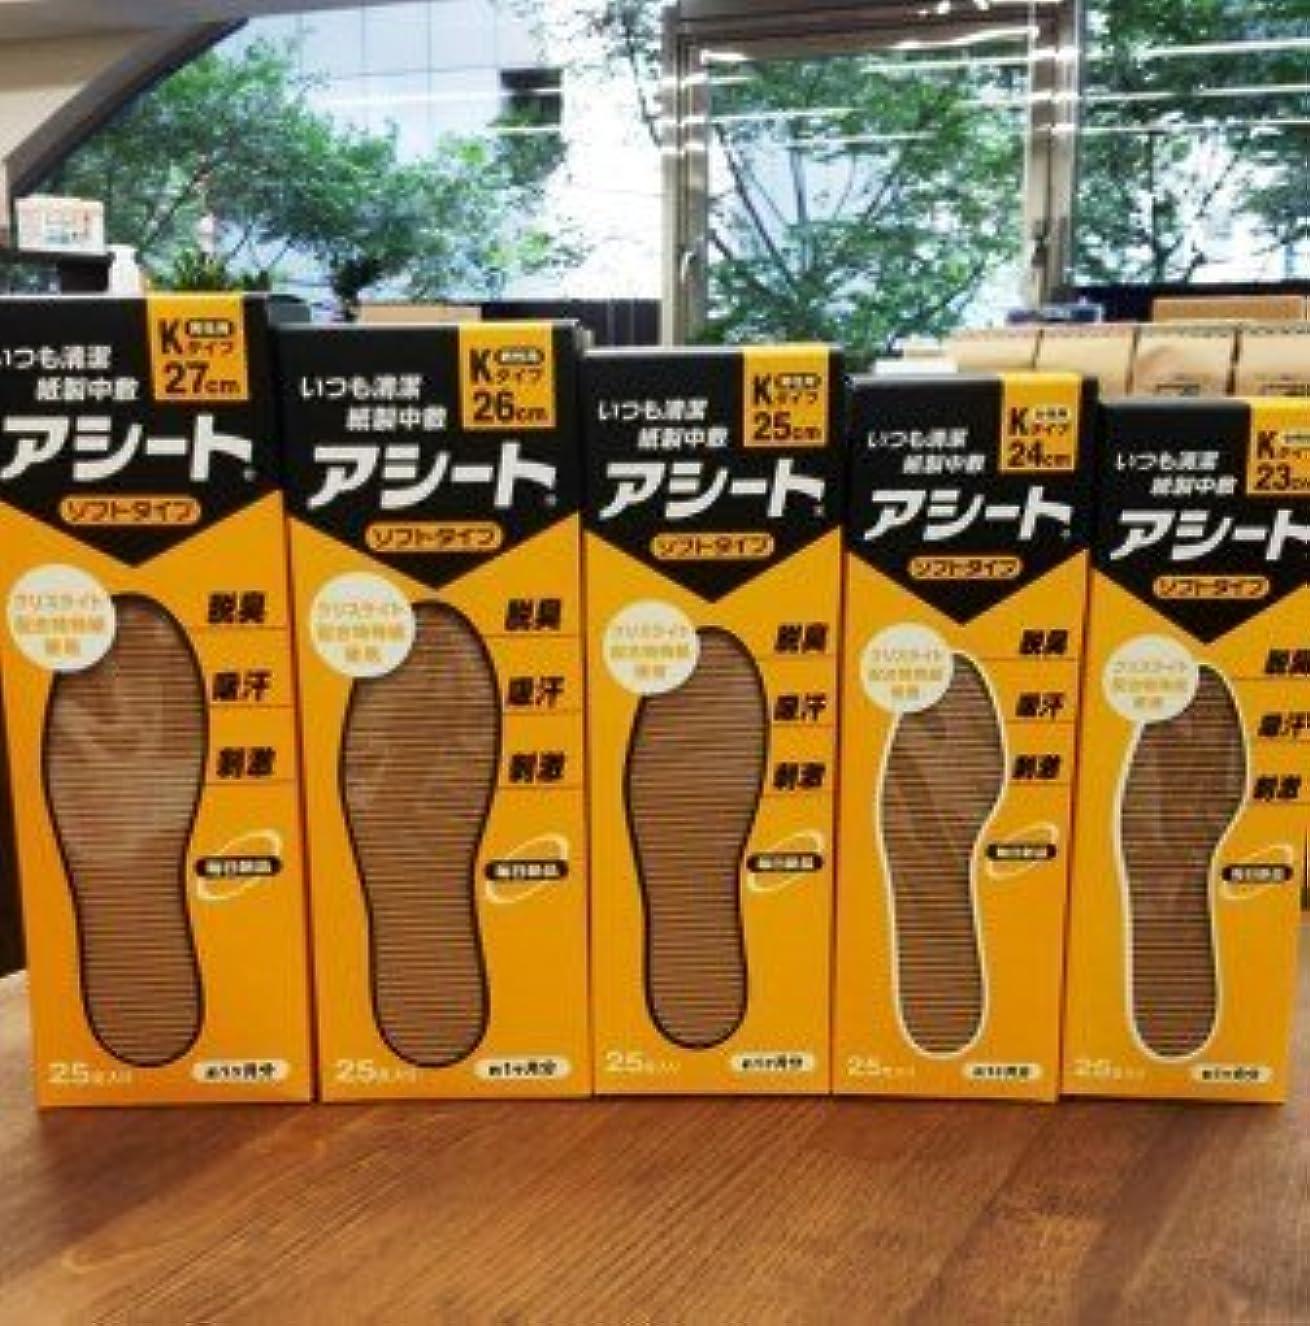 バズくびれた辞書アシートK(サイズ27cm)×3箱セット(8足増量中)